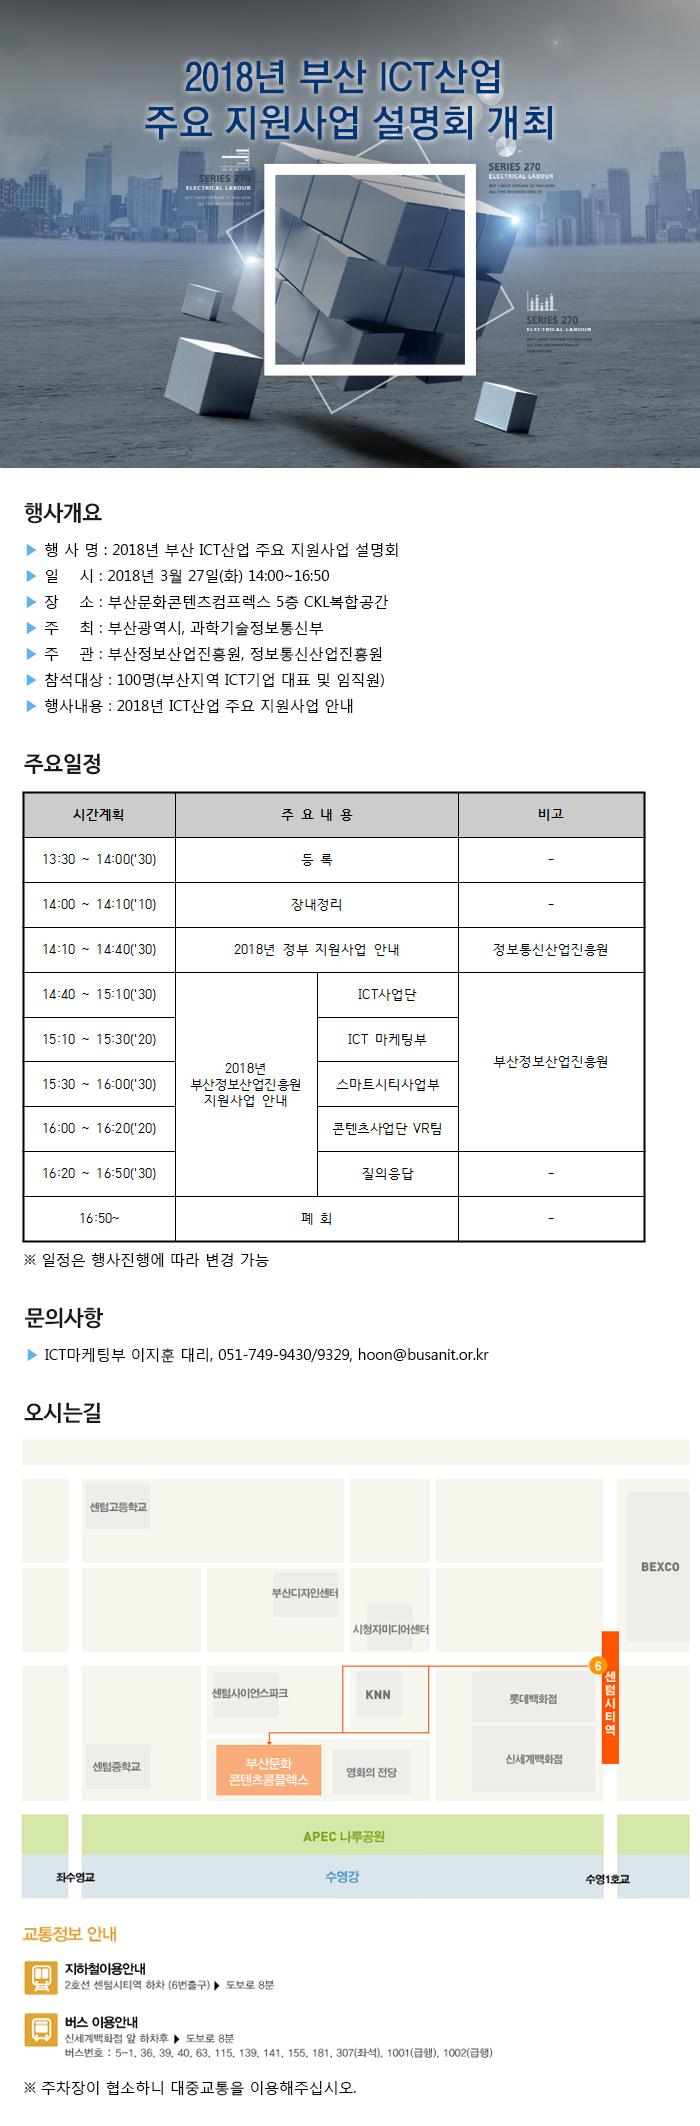 2018년 부산 ICT산업 주요 지원사업 설명회 개최